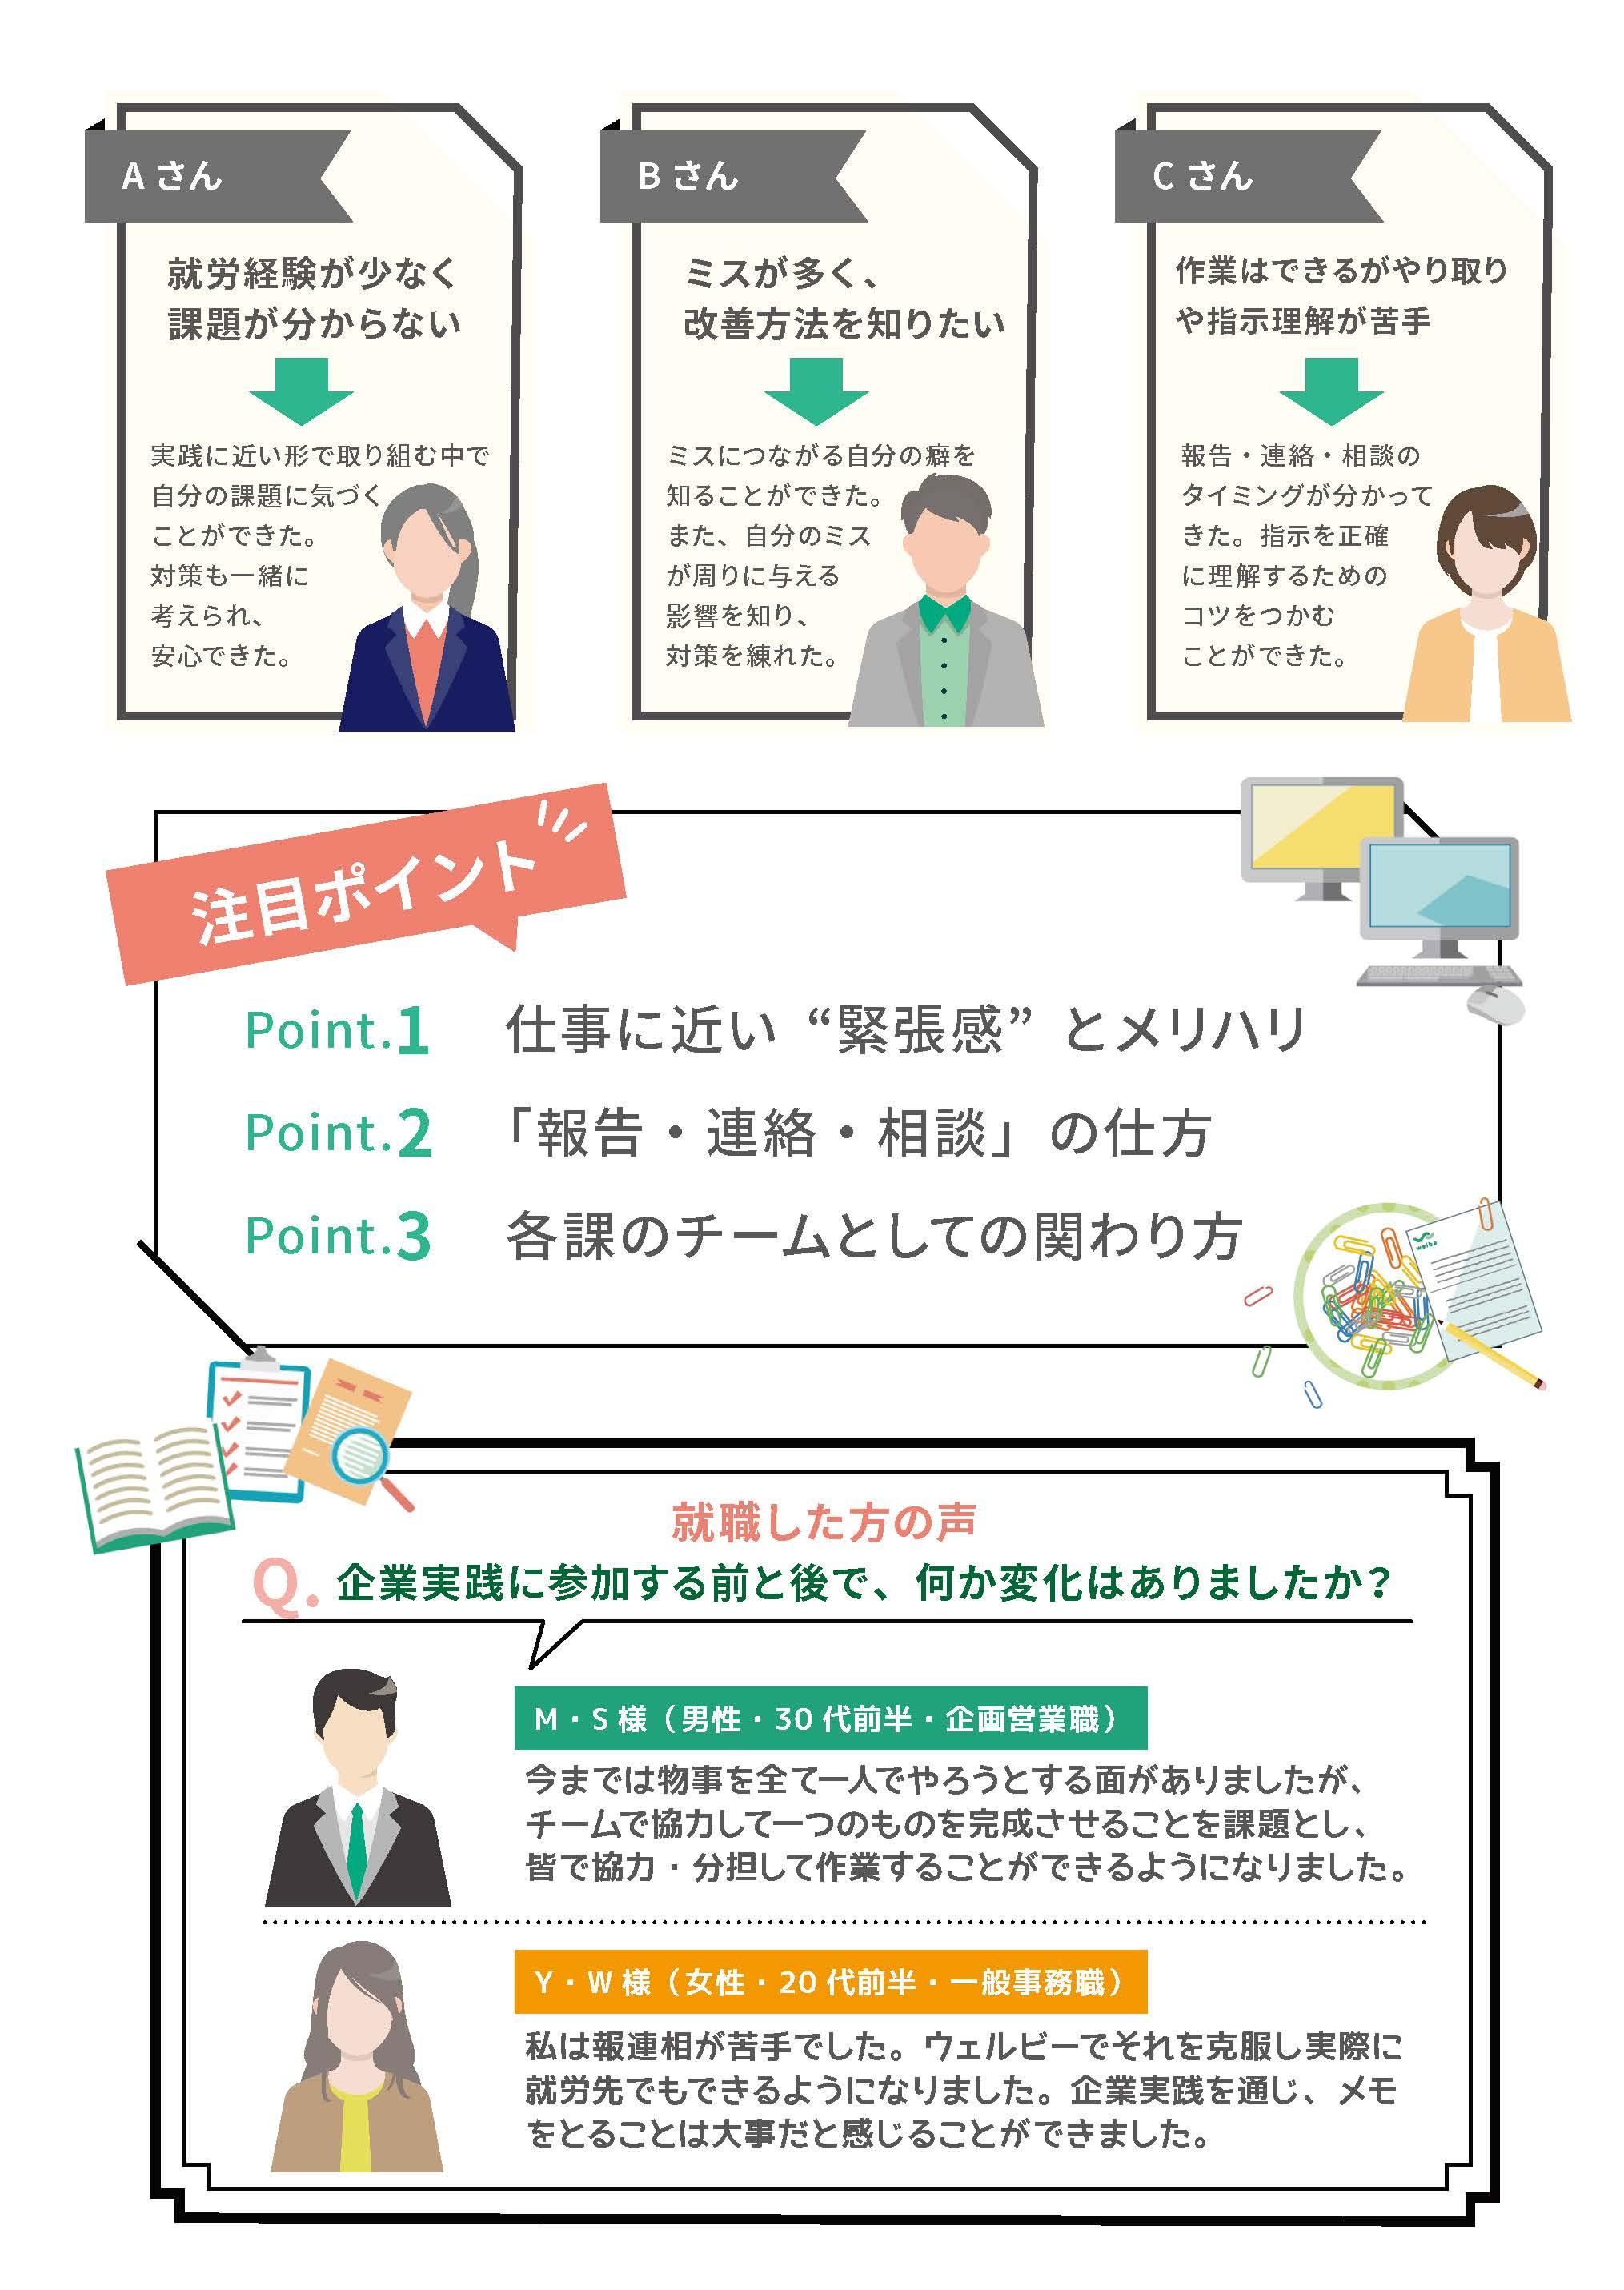 ☆【再アップ】企業実践_カリキュラムPJ_修正_ページ_2